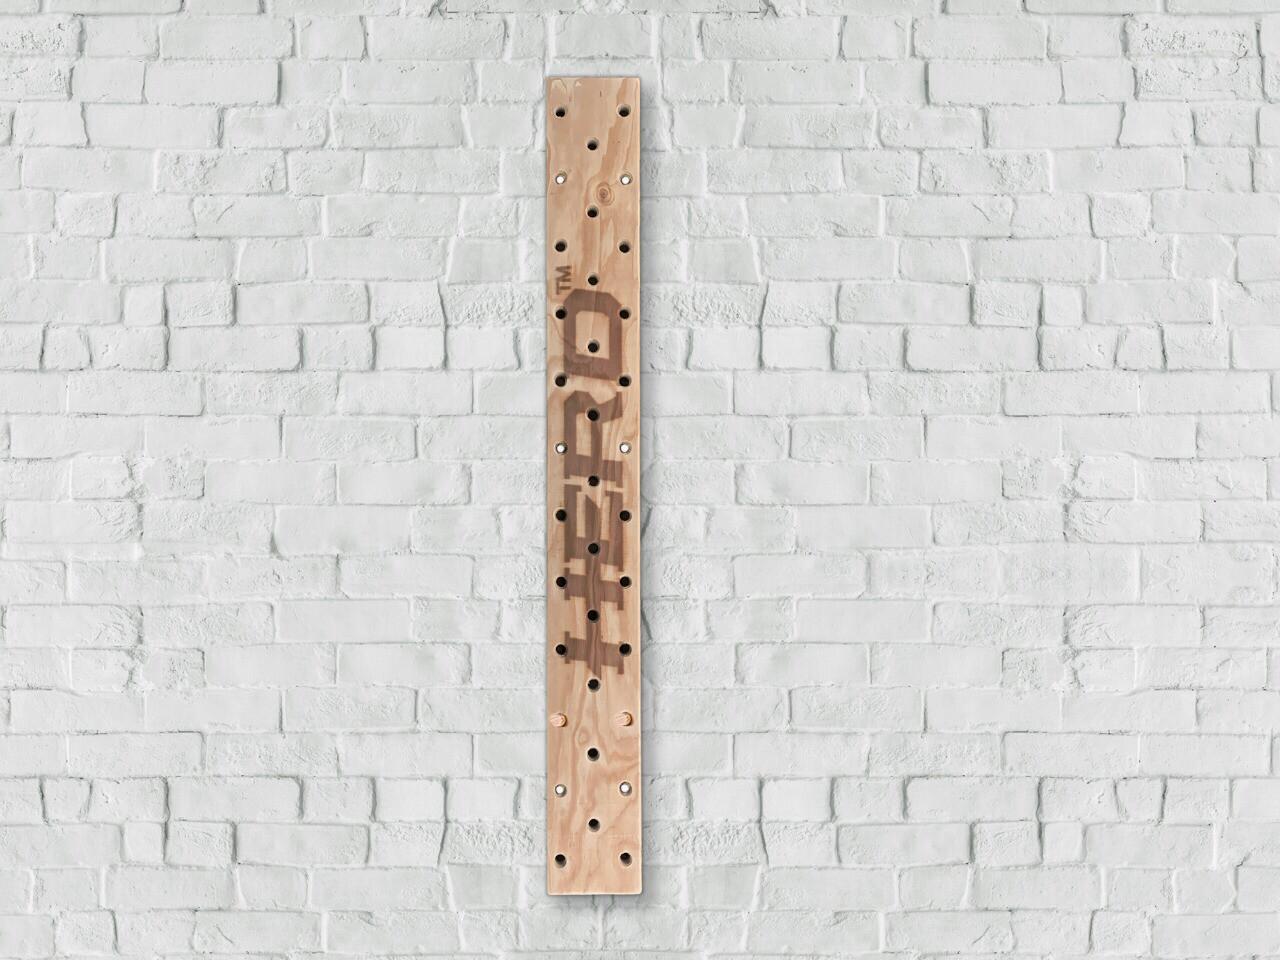 Peg Board 2.4